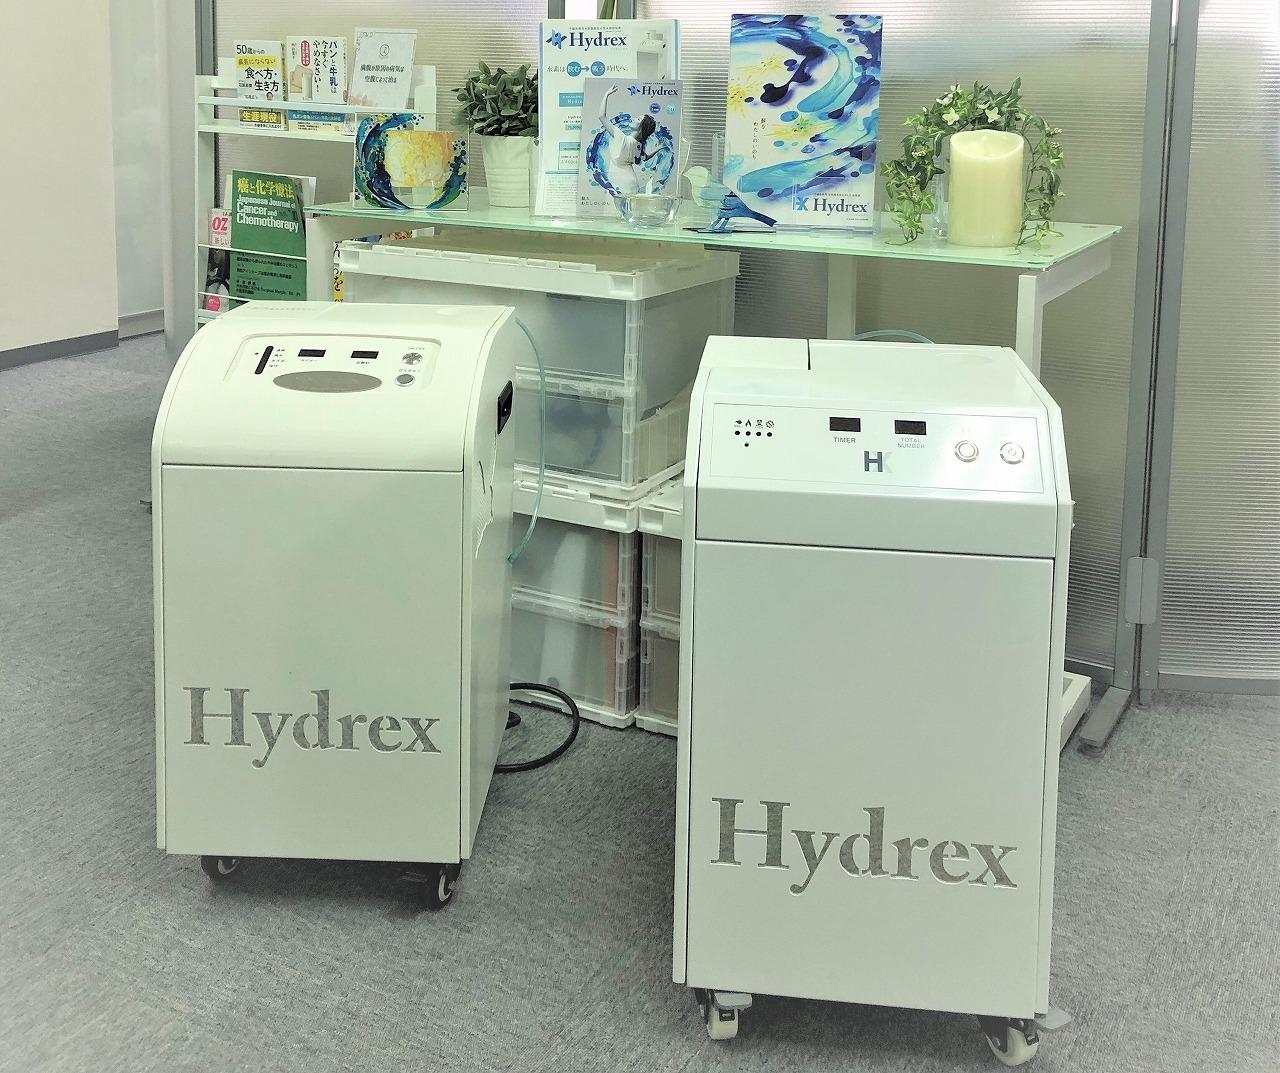 Hydrex 銀座展示スペース